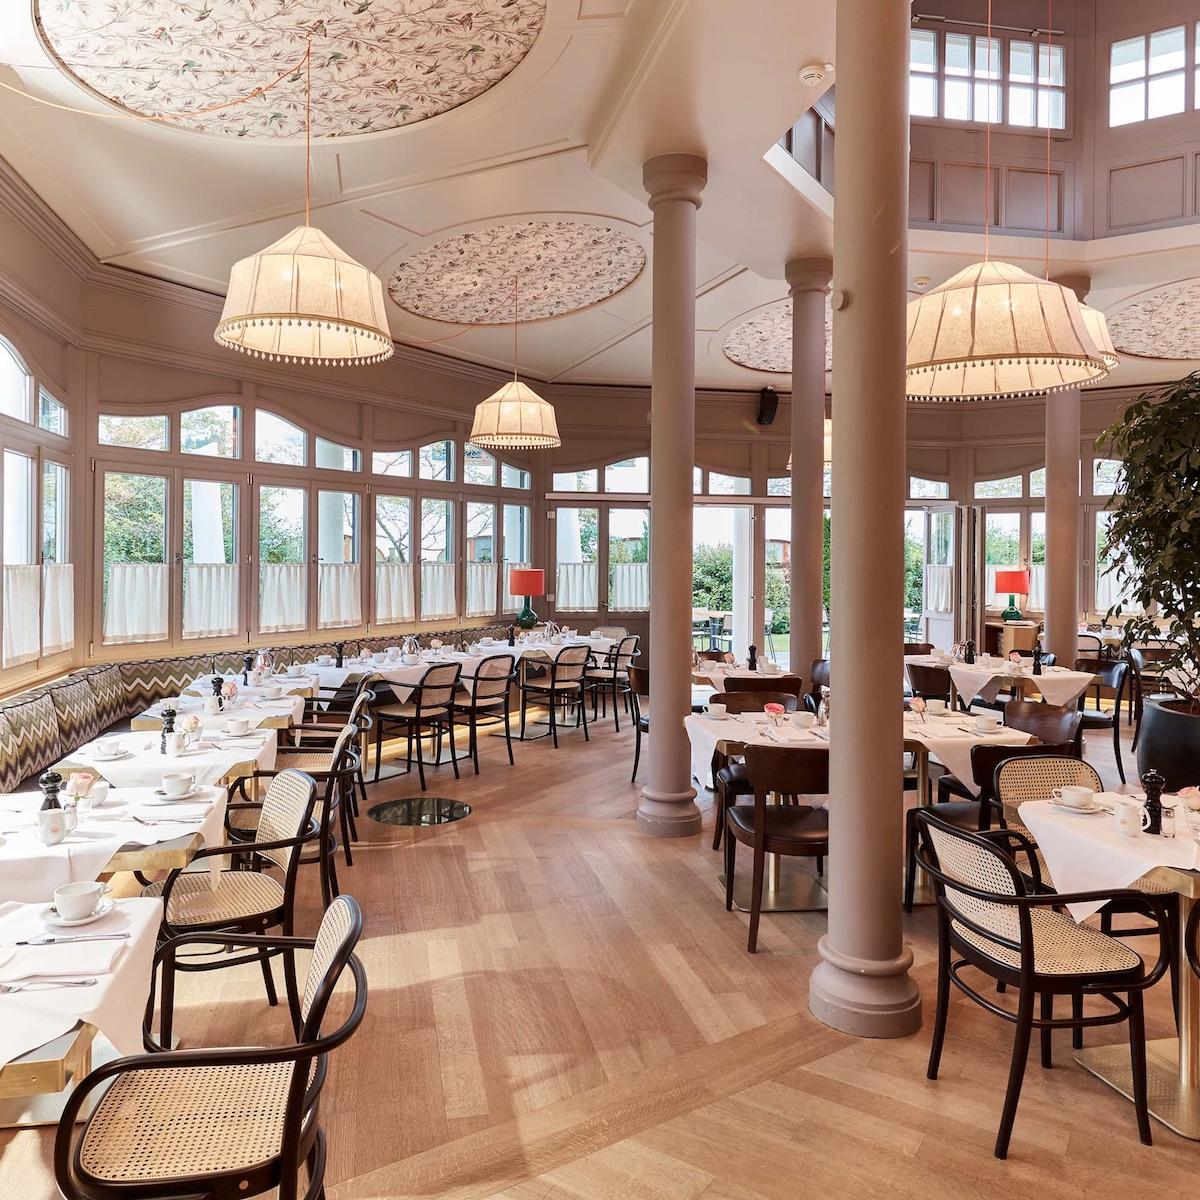 Hotel Bachmair Weissach am Tegernsee_Frühstückspavillon